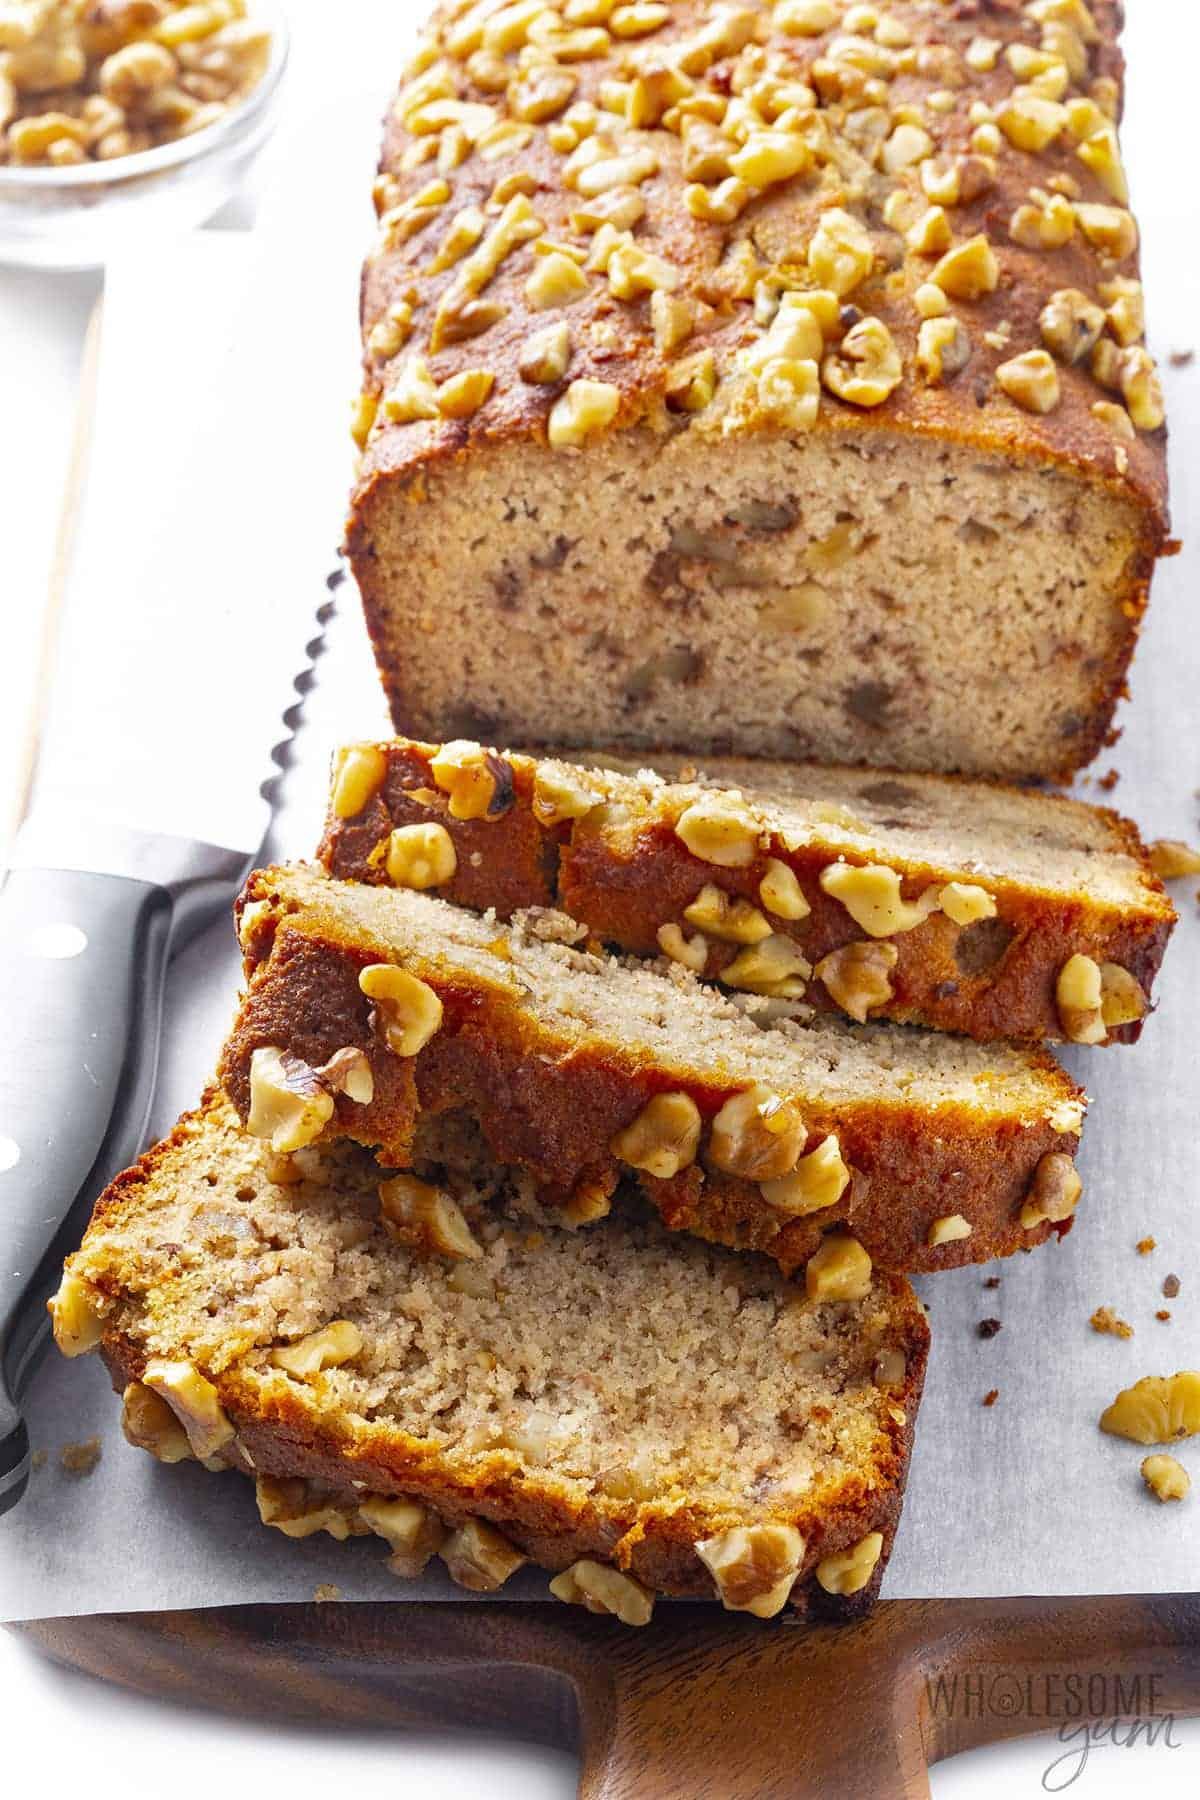 Loaf of sugar free banana bread on a cutting board